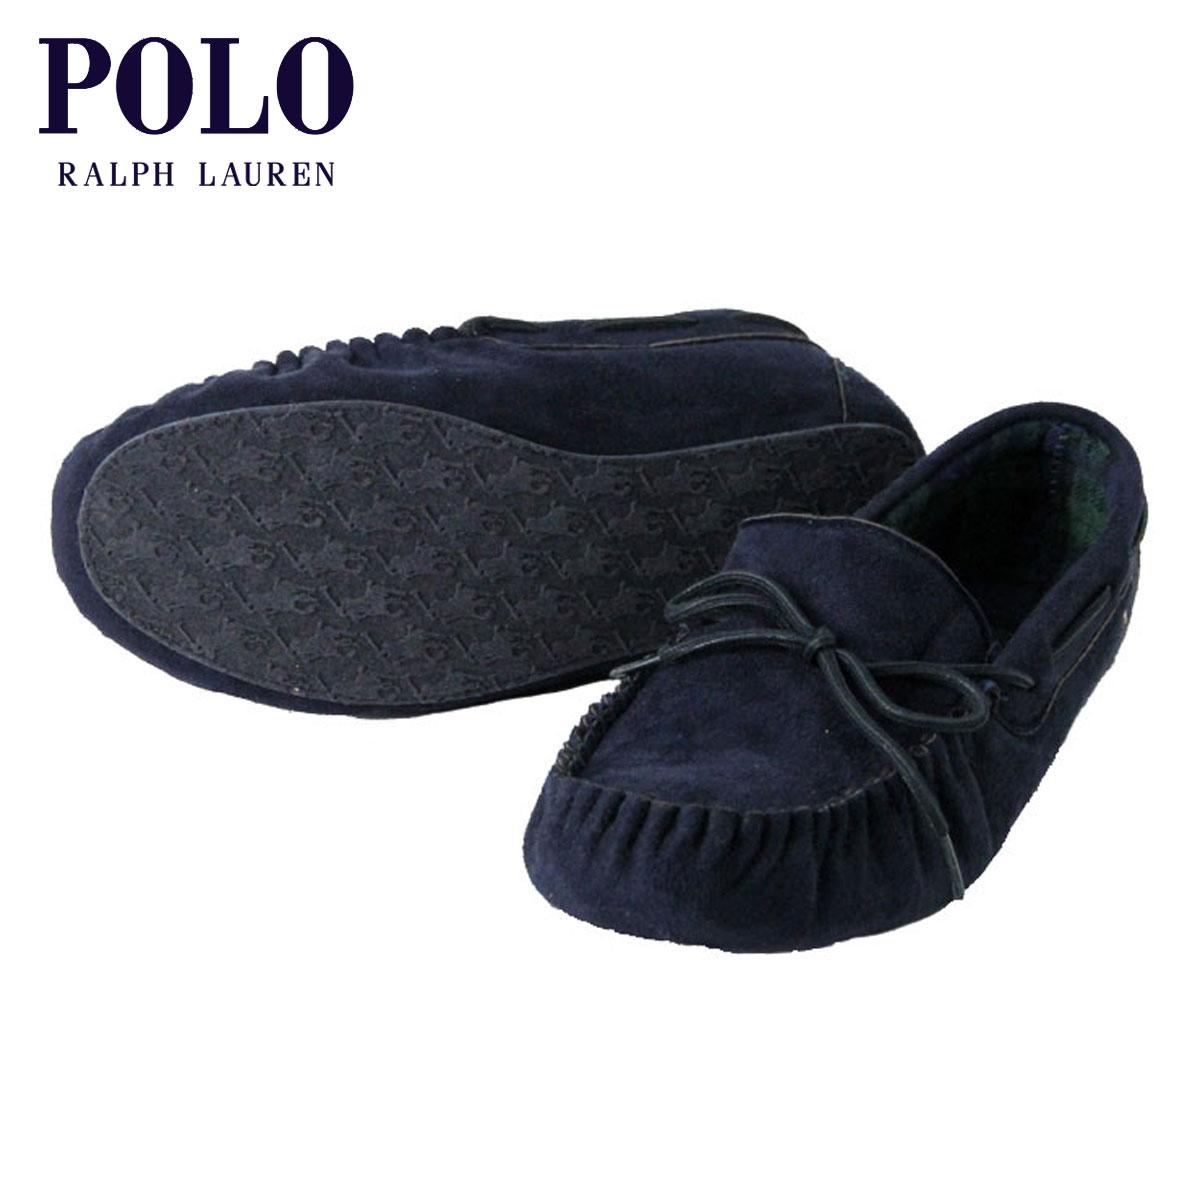 ポロ ラルフローレン POLO RALPH LAUREN 正規品 サンダル Room Shoes D00S15